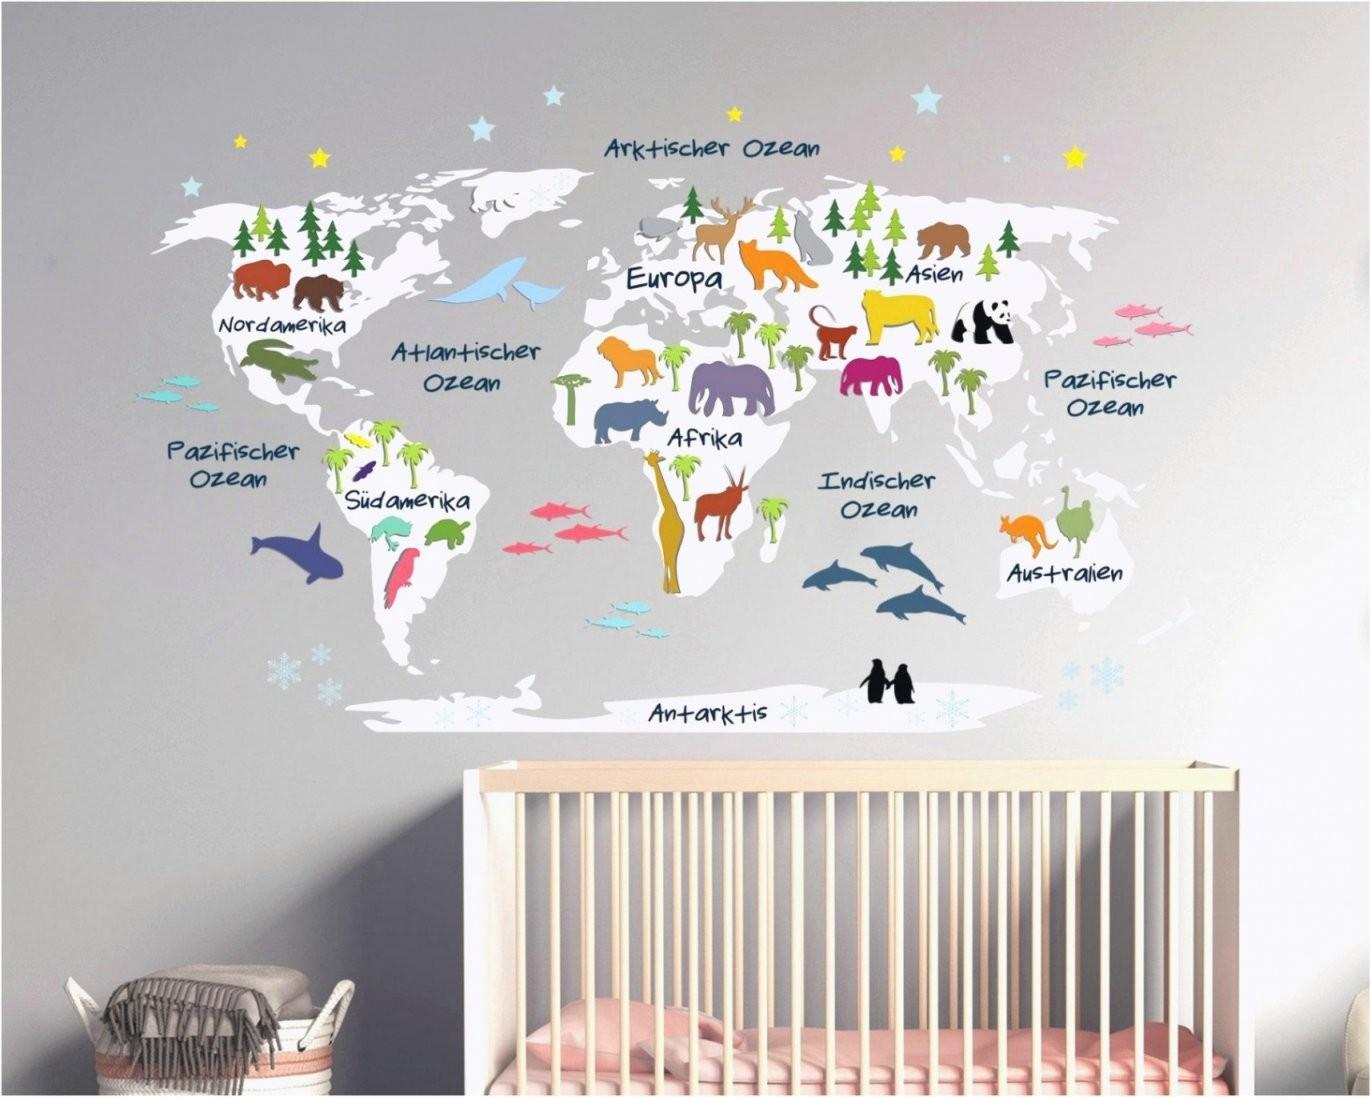 Kinderzimmer Streichen Vorlagen — Temobardz Home Blog von Babyzimmer Wände Gestalten Malen Motiv Vorlagen Bild